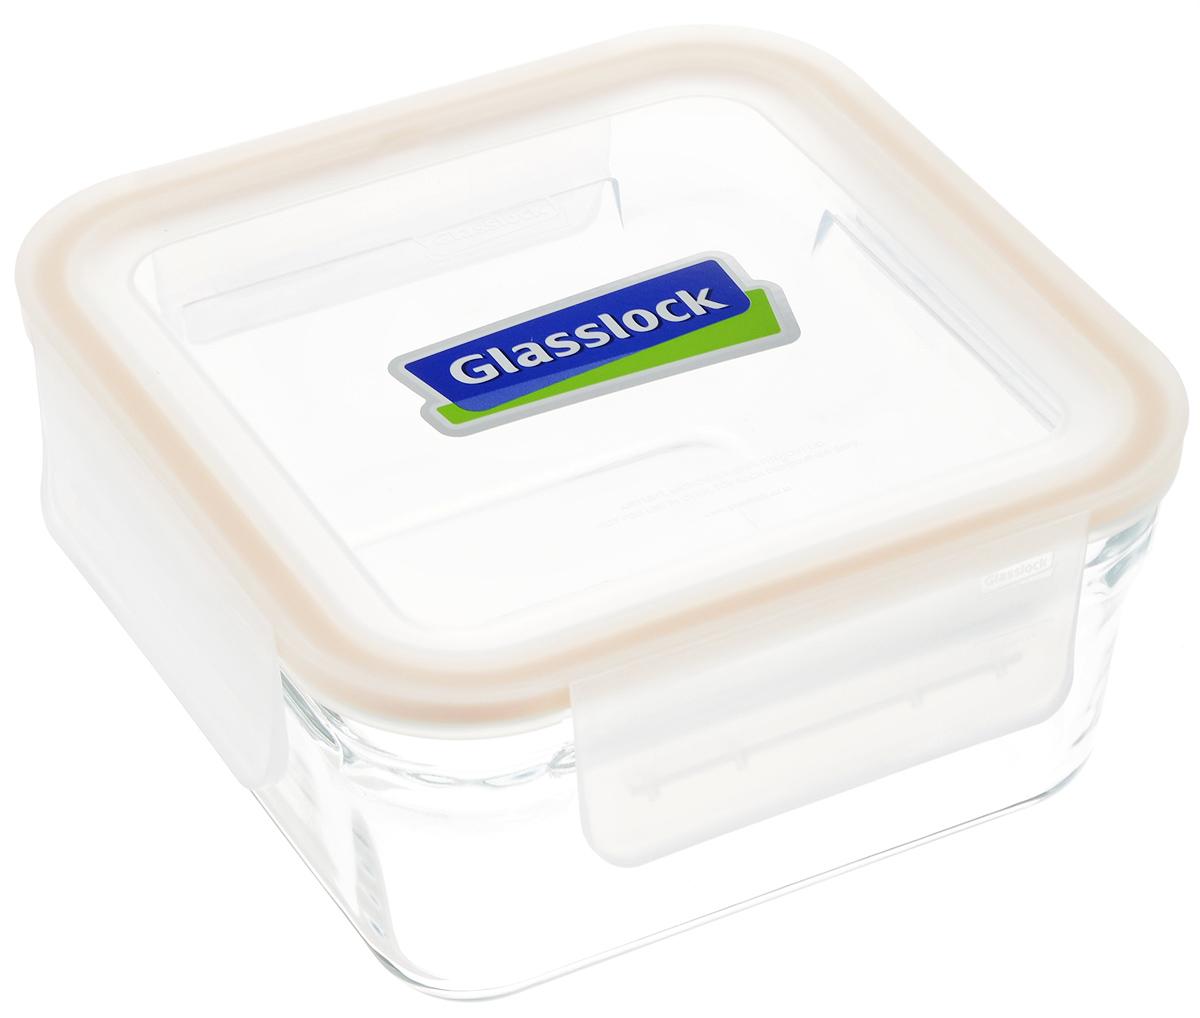 """Квадратный контейнер """"Glasslock"""" изготовлен из  высококачественного закаленного ударопрочного стекла.  Герметичная крышка, выполненная из пластика и снабженная  уплотнительной резинкой, надежно закрывается с помощью  четырех защелок.  Стеклянная посуда нового поколения от """"Glasslock""""  экологична, не содержит токсичных и ядовитых материалов;  превосходная герметичность позволяет сохранять свежесть  продуктов; покрытие не впитывает запах продуктов; имеет  утонченный европейский дизайн - прекрасное украшение  стола.  Подходит для мытья в посудомоечной машине, хранения в  холодильных и морозильных камерах, а также можно  использовать в  микроволновых печах. Размер контейнера (с учетом крышки): 16,5 х 16,5 х 8 см."""